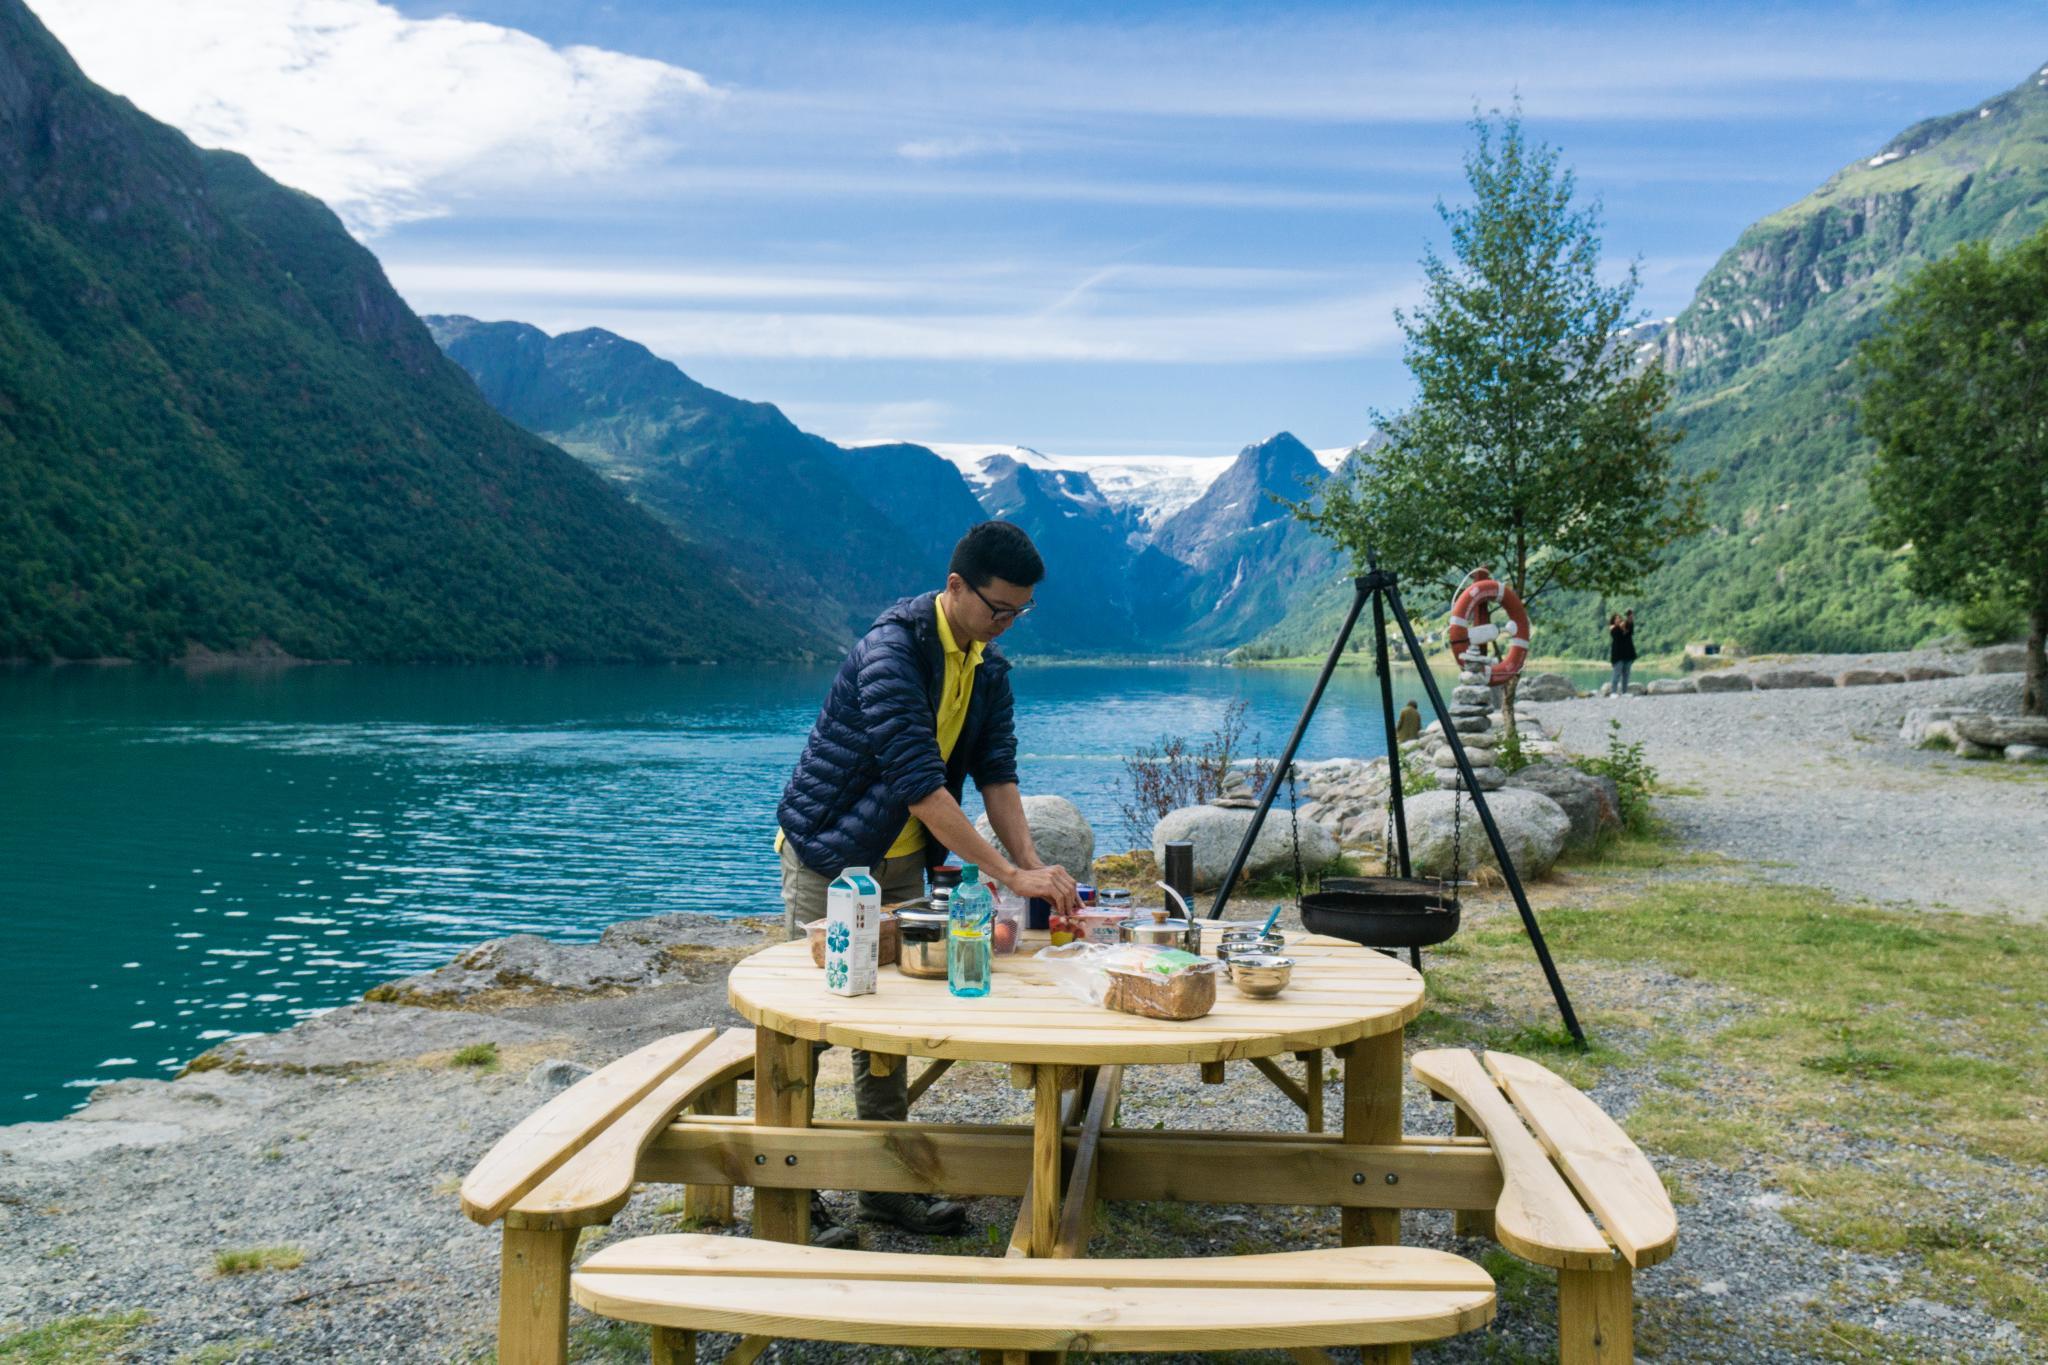 【北歐露營】擁抱Briksdal Glacier的怦然心動 - 在冰河最前緣露營的Gryta Camping 9